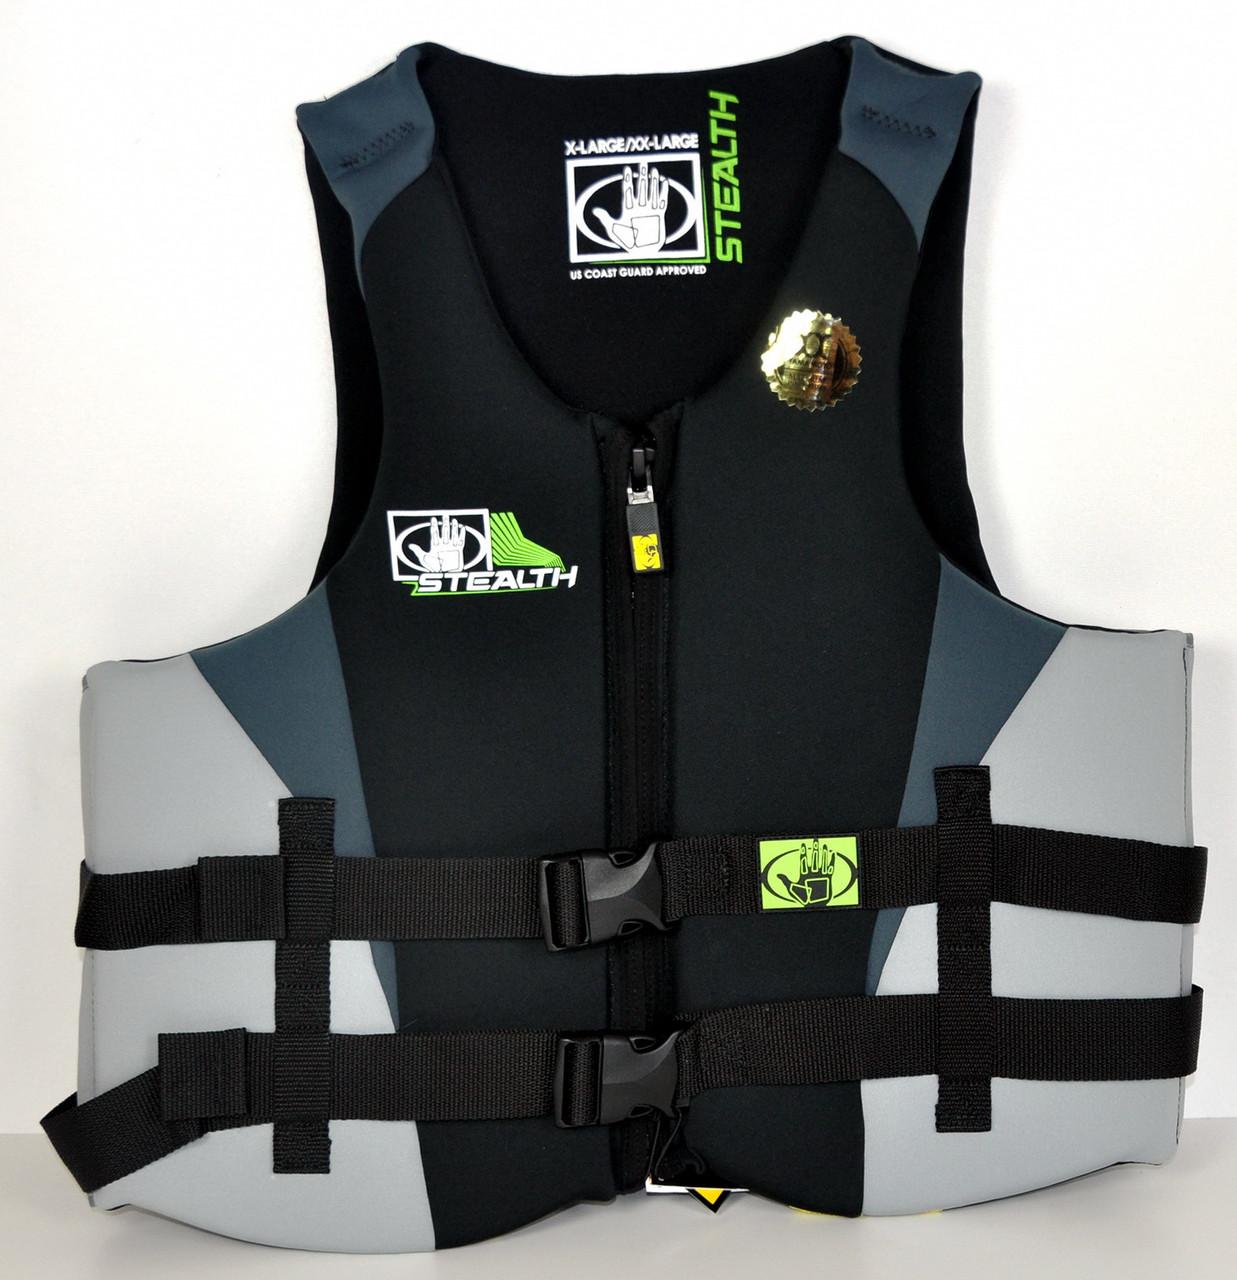 Спасательный жилет водный BodyGlove неопрен XL/2XL Stealth черно-серый для лодки, катера, яхты